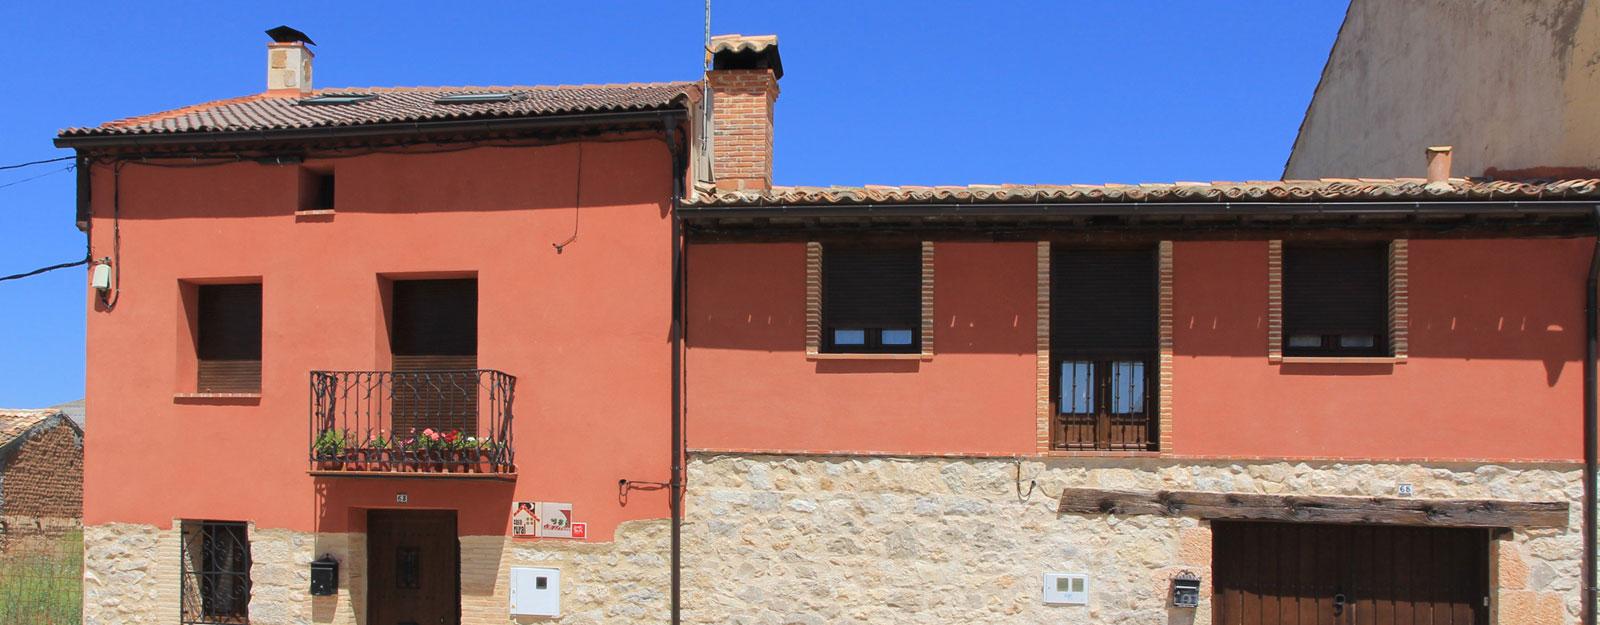 Casa rural valle del duero en langa de duero soria - Casas montornes del valles ...